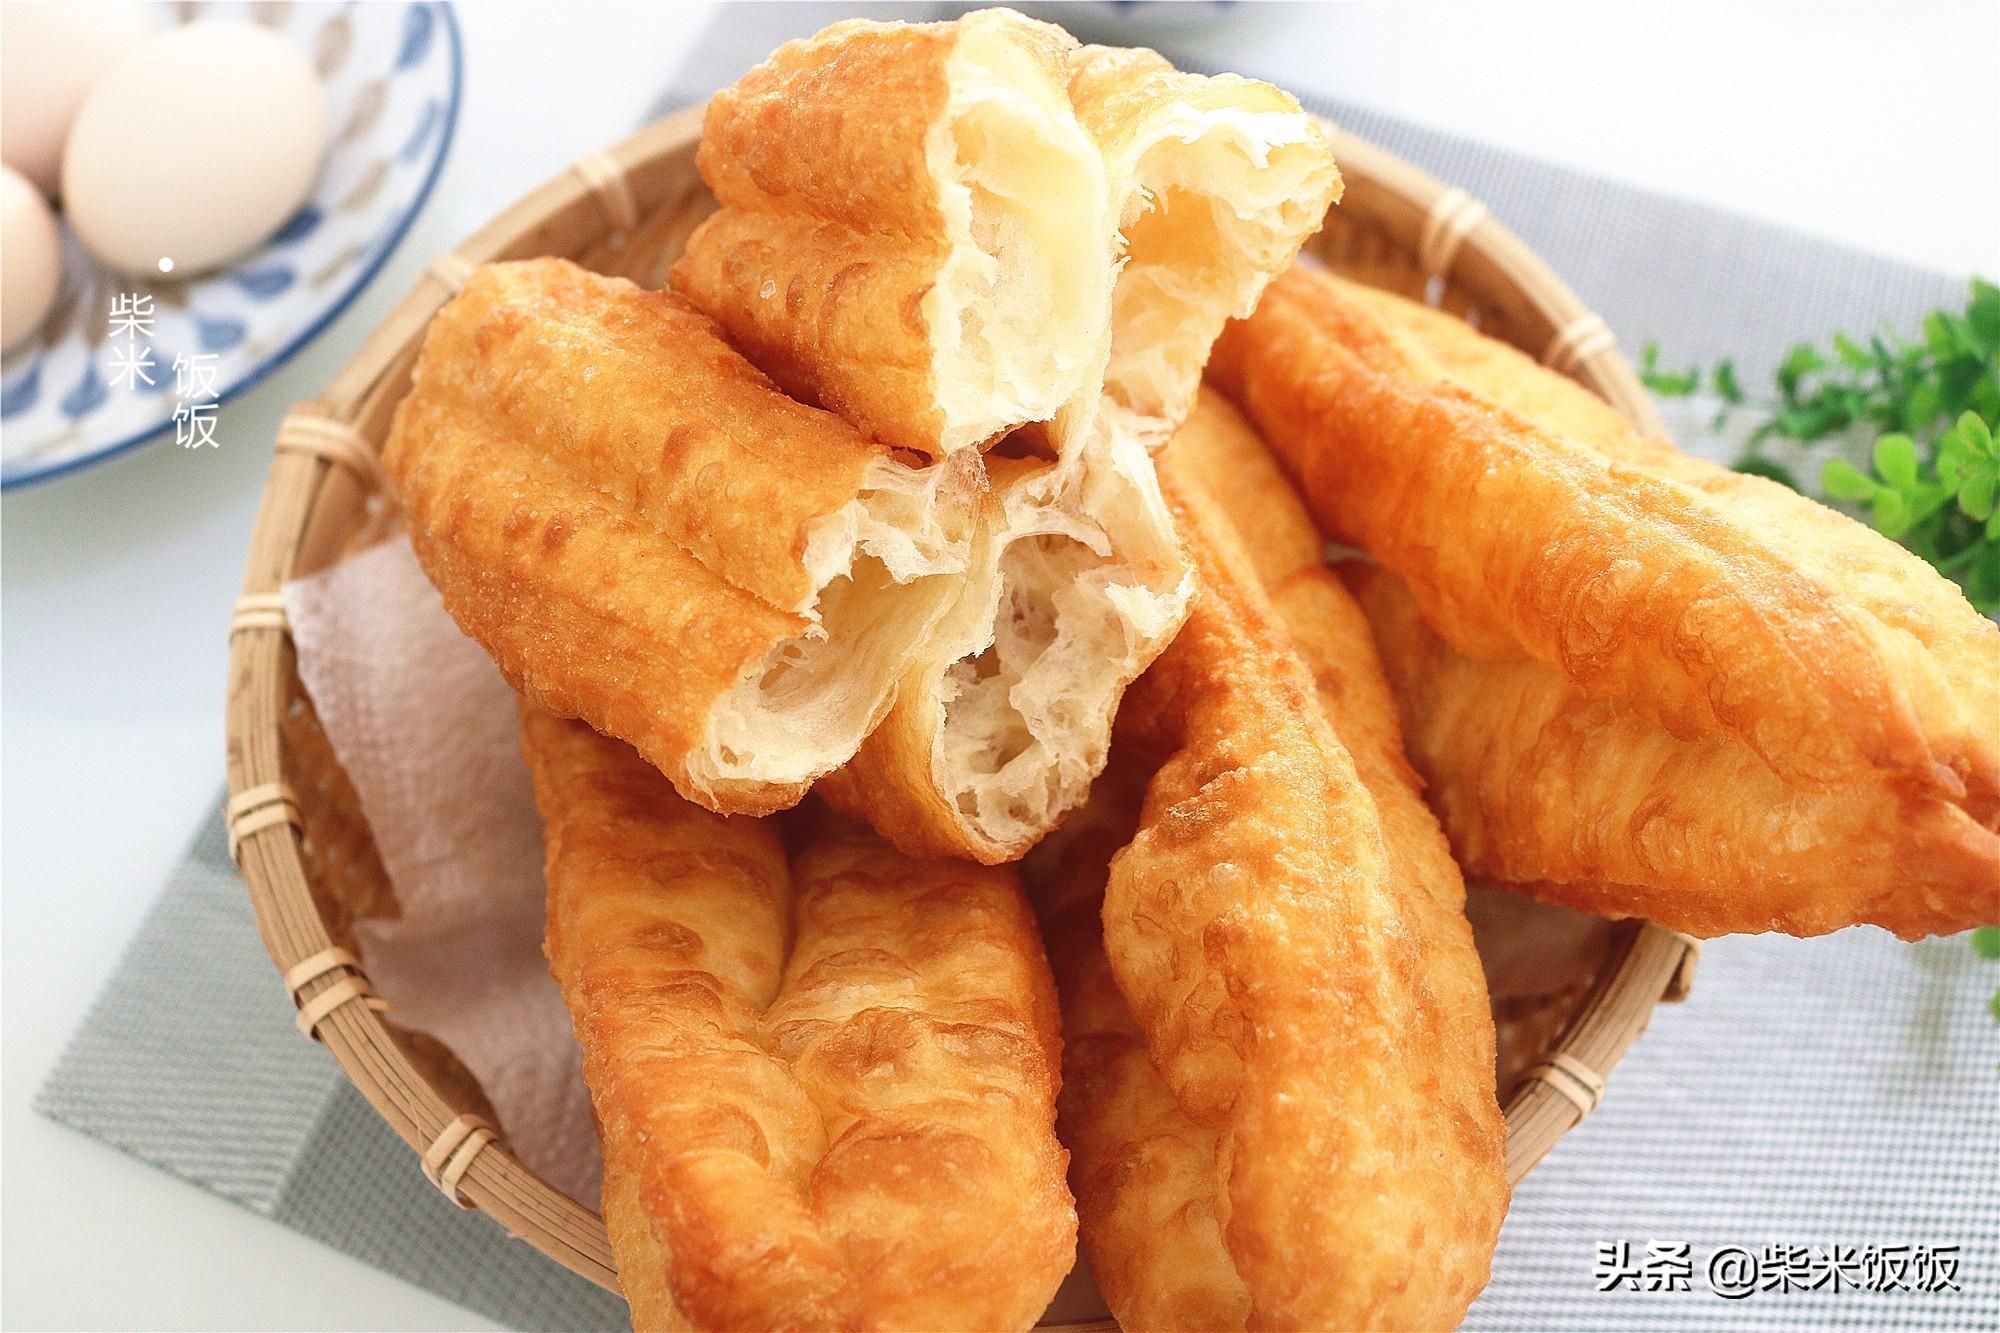 普通麵粉炸油條,不用泡打粉,又香又酥,比買的好吃